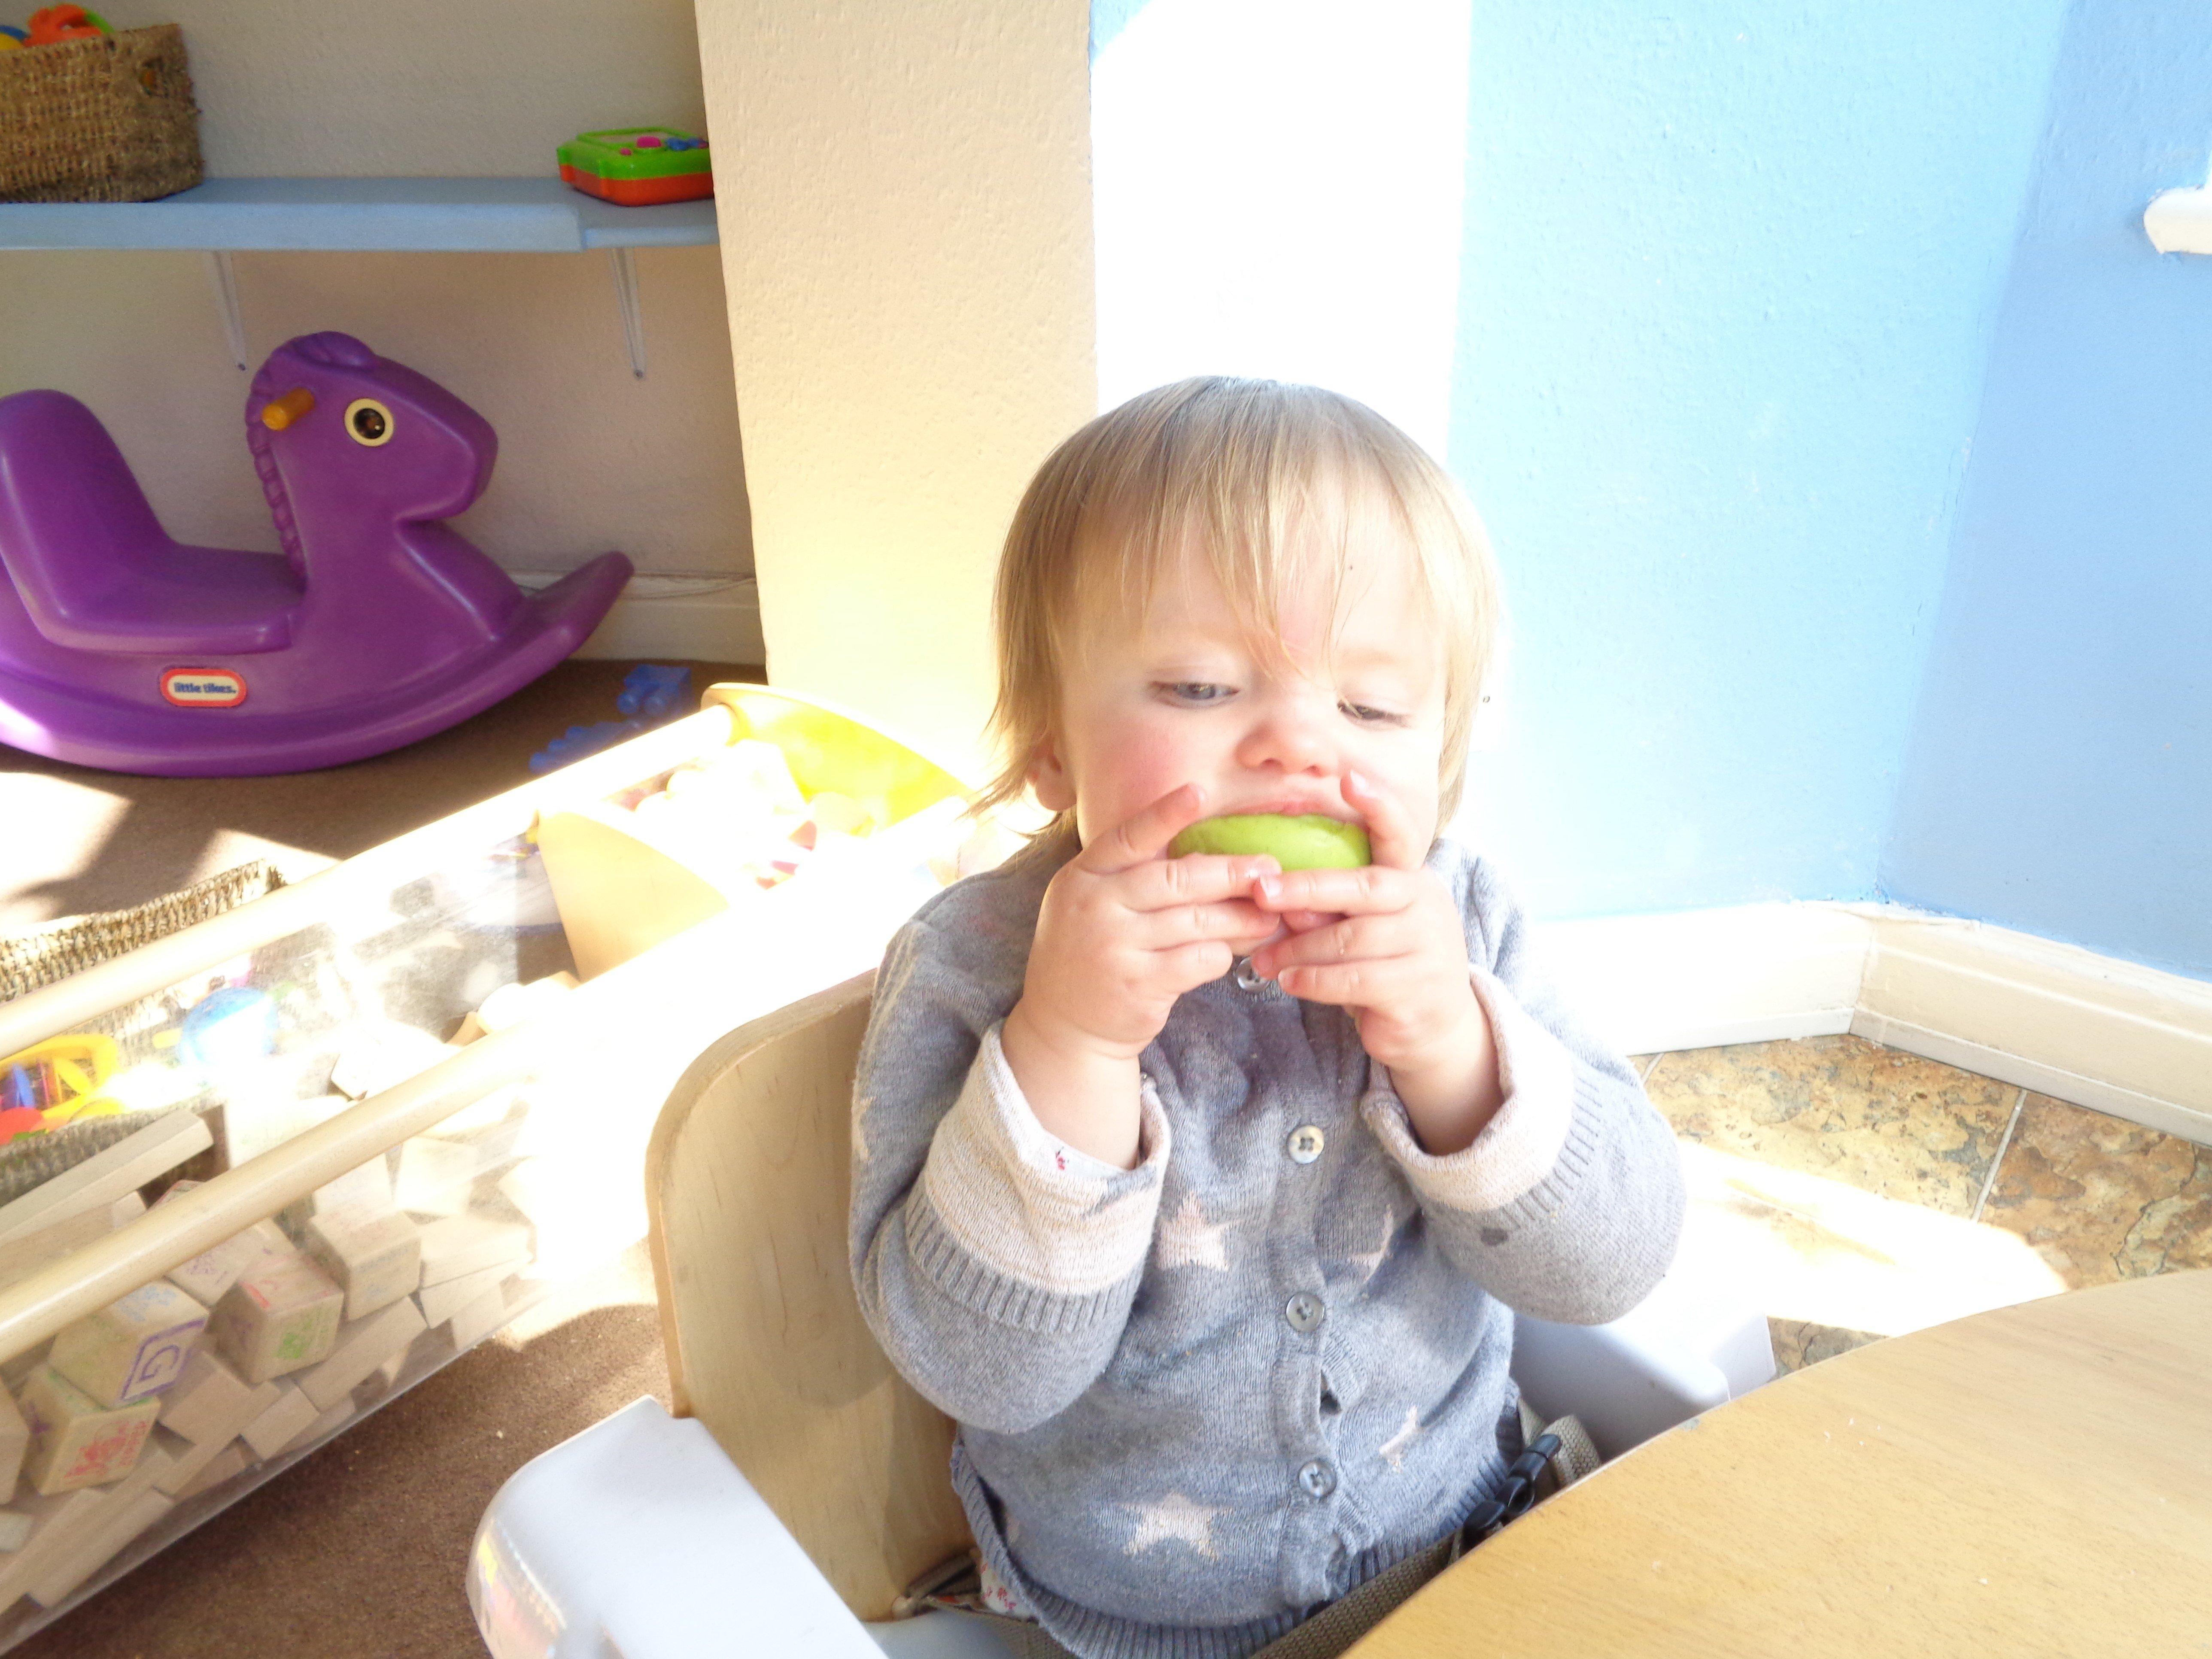 child eating a lemon